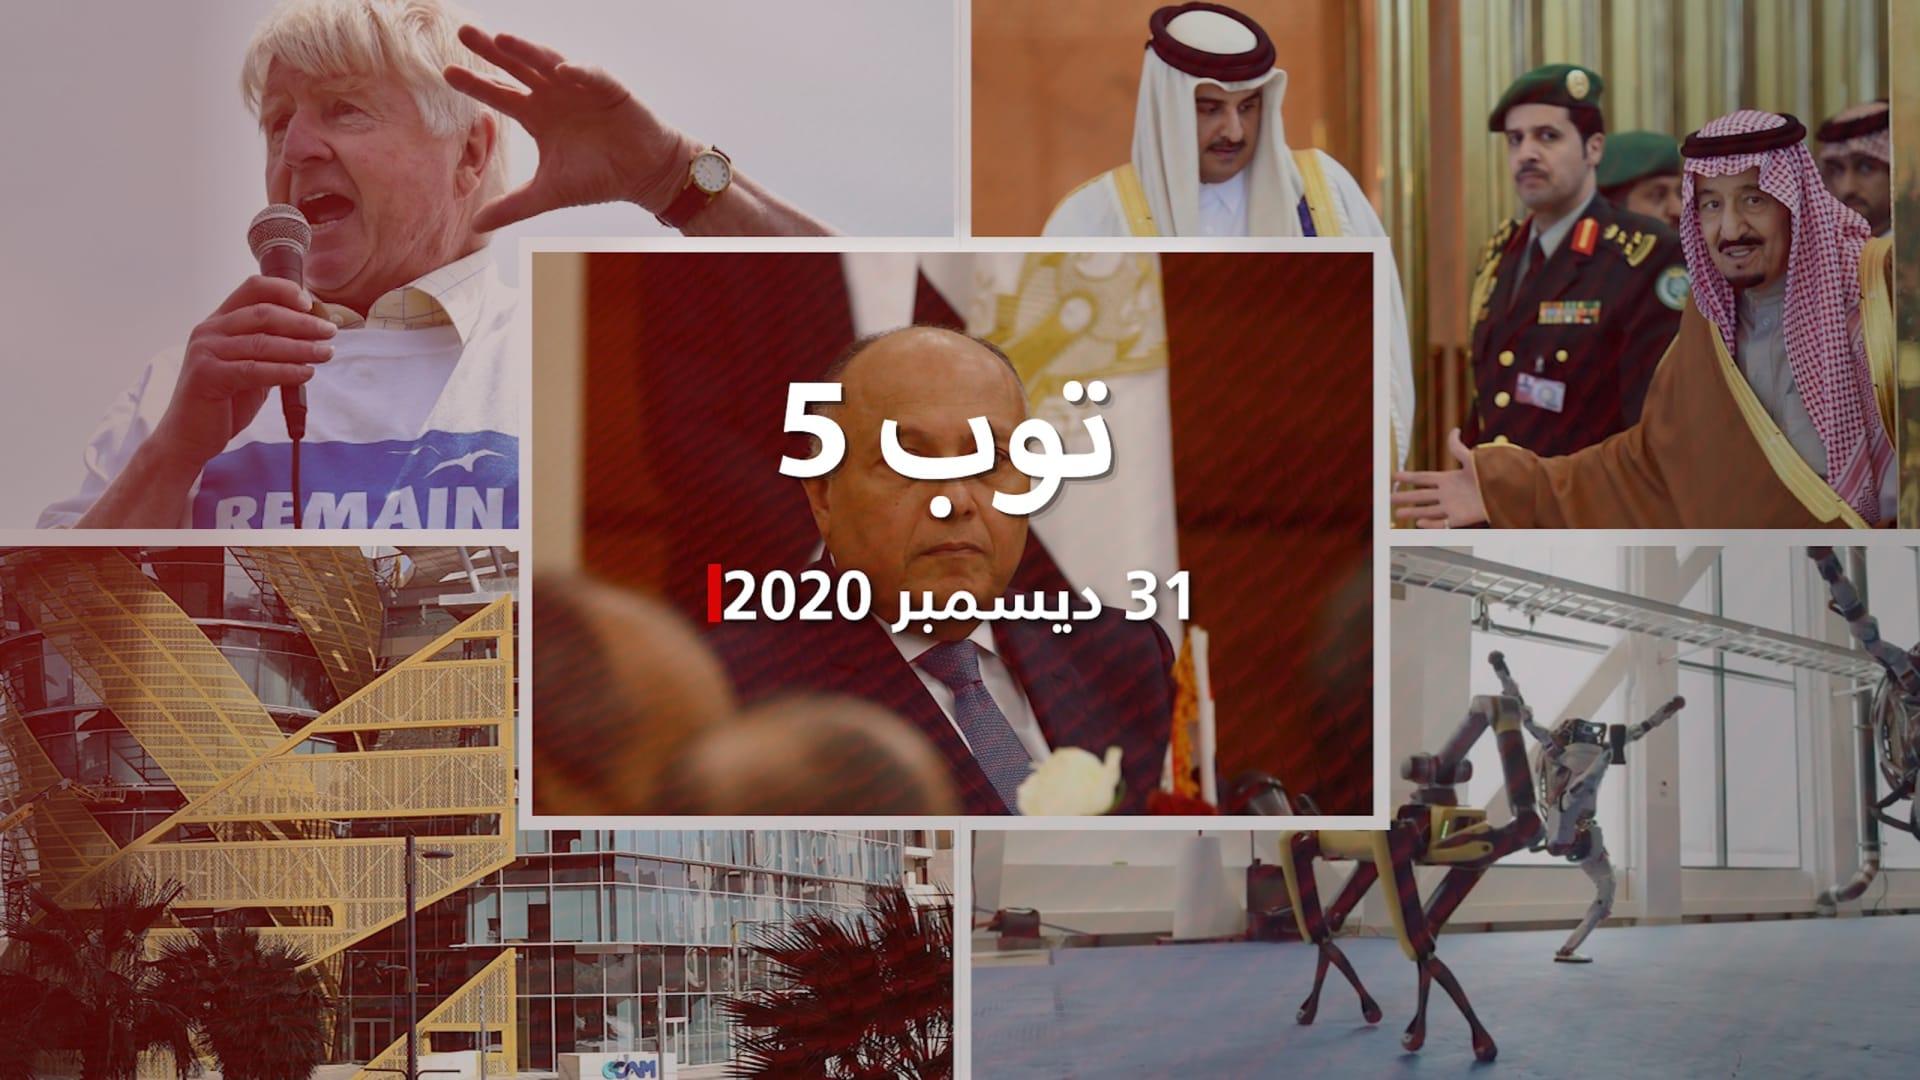 توب 5: رسالة عاهل السعودية لأمير قطر.. وتصريحات إثيوبية تثير أزمة مع مصر